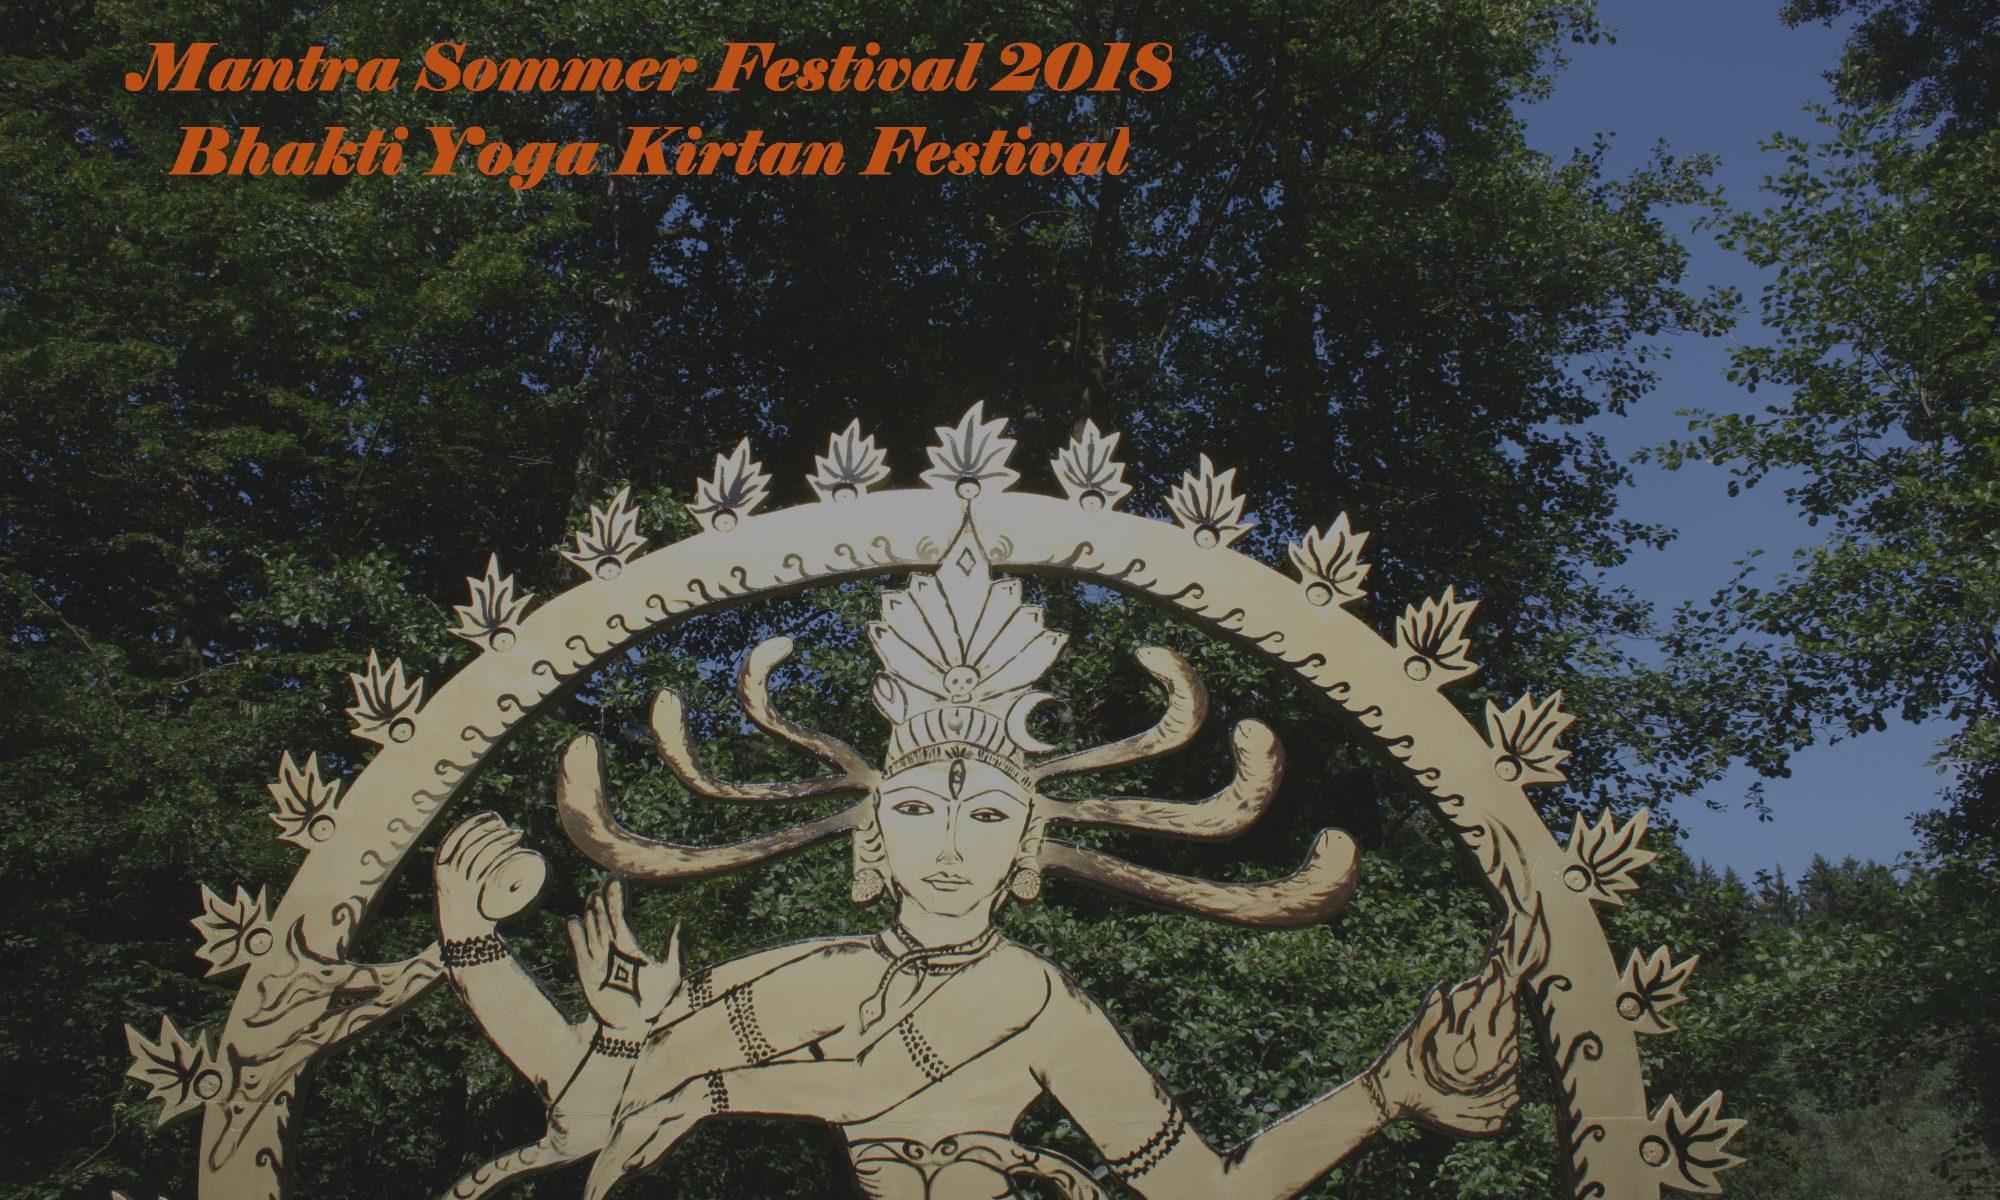 Mantra Sommer Festival 2018